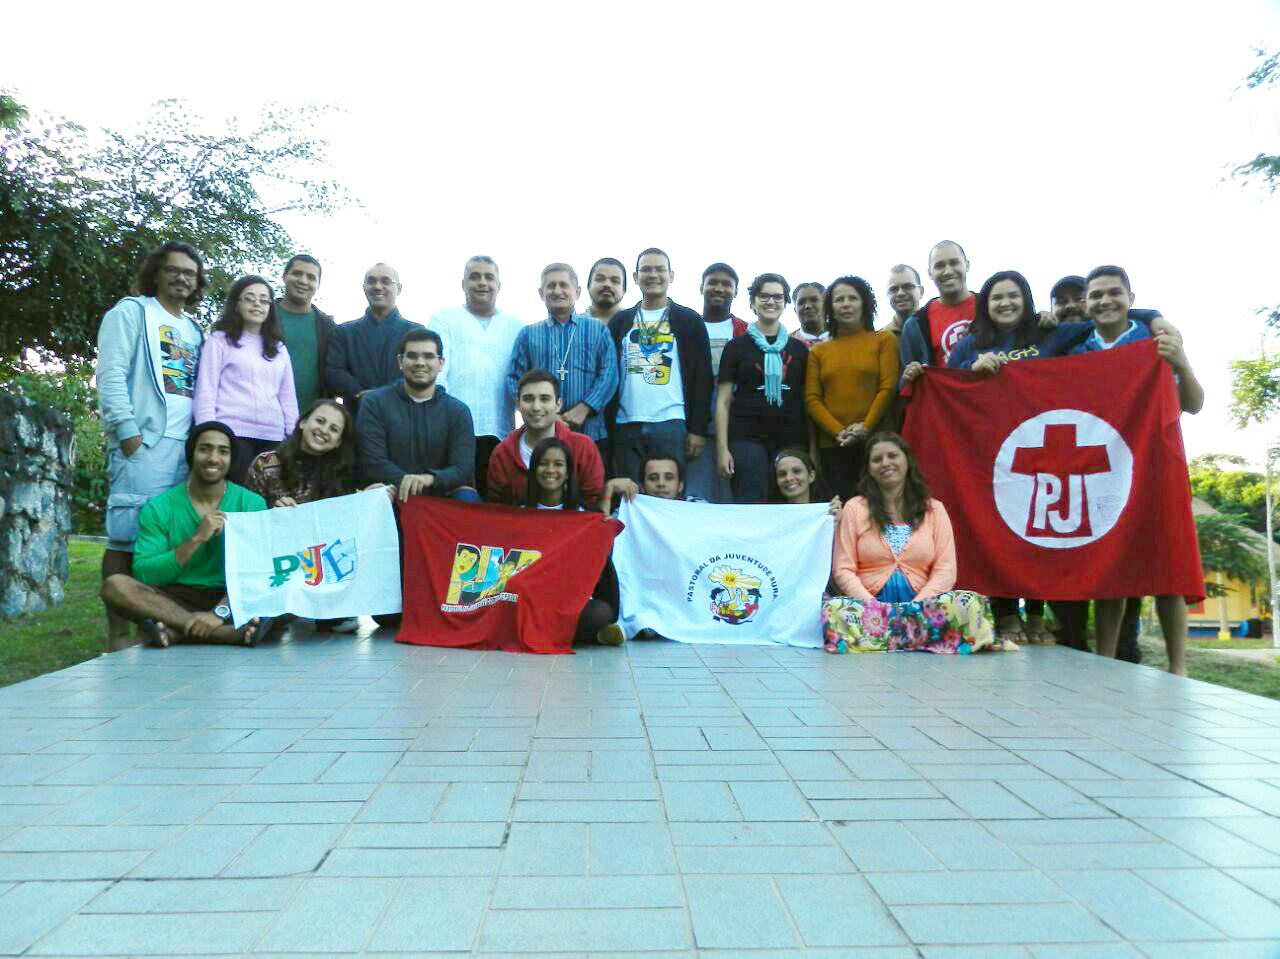 Coordenações nacionais das Pastorais da Juventude do Brasil se reúnem em Guararema